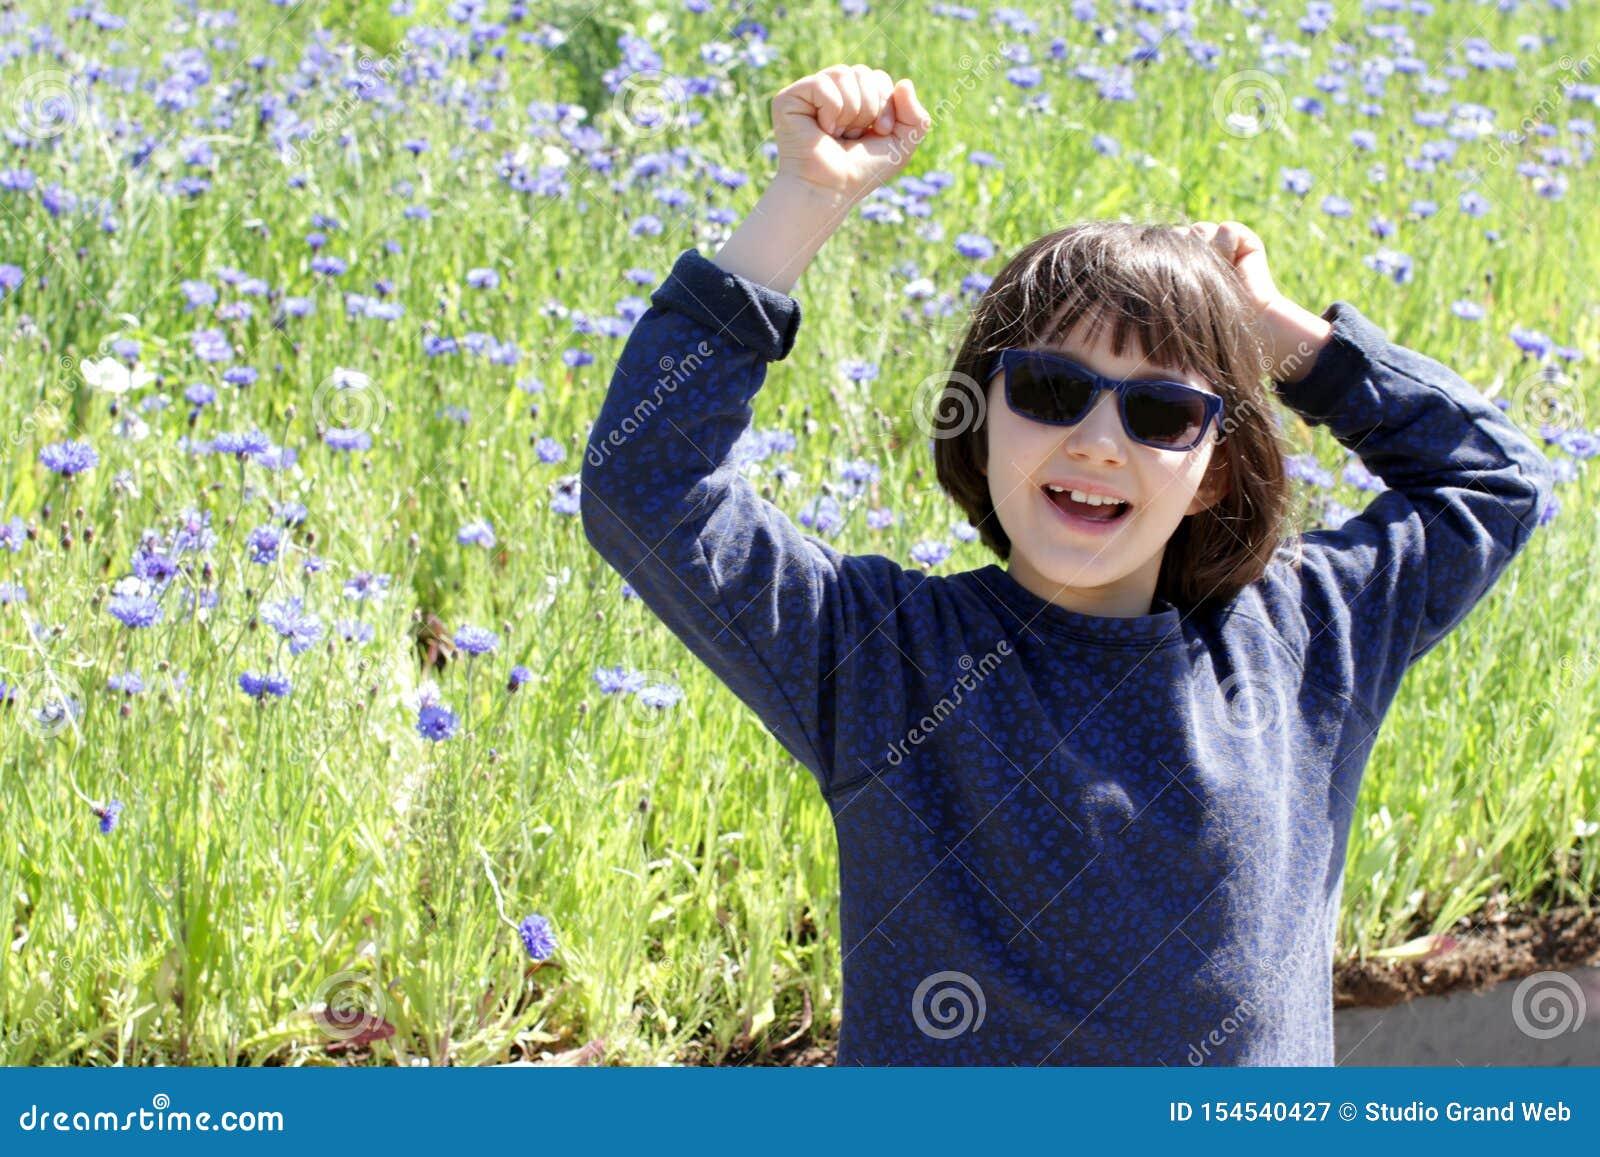 Glat barn med blå solglasögon som skrattar för att vara i natur